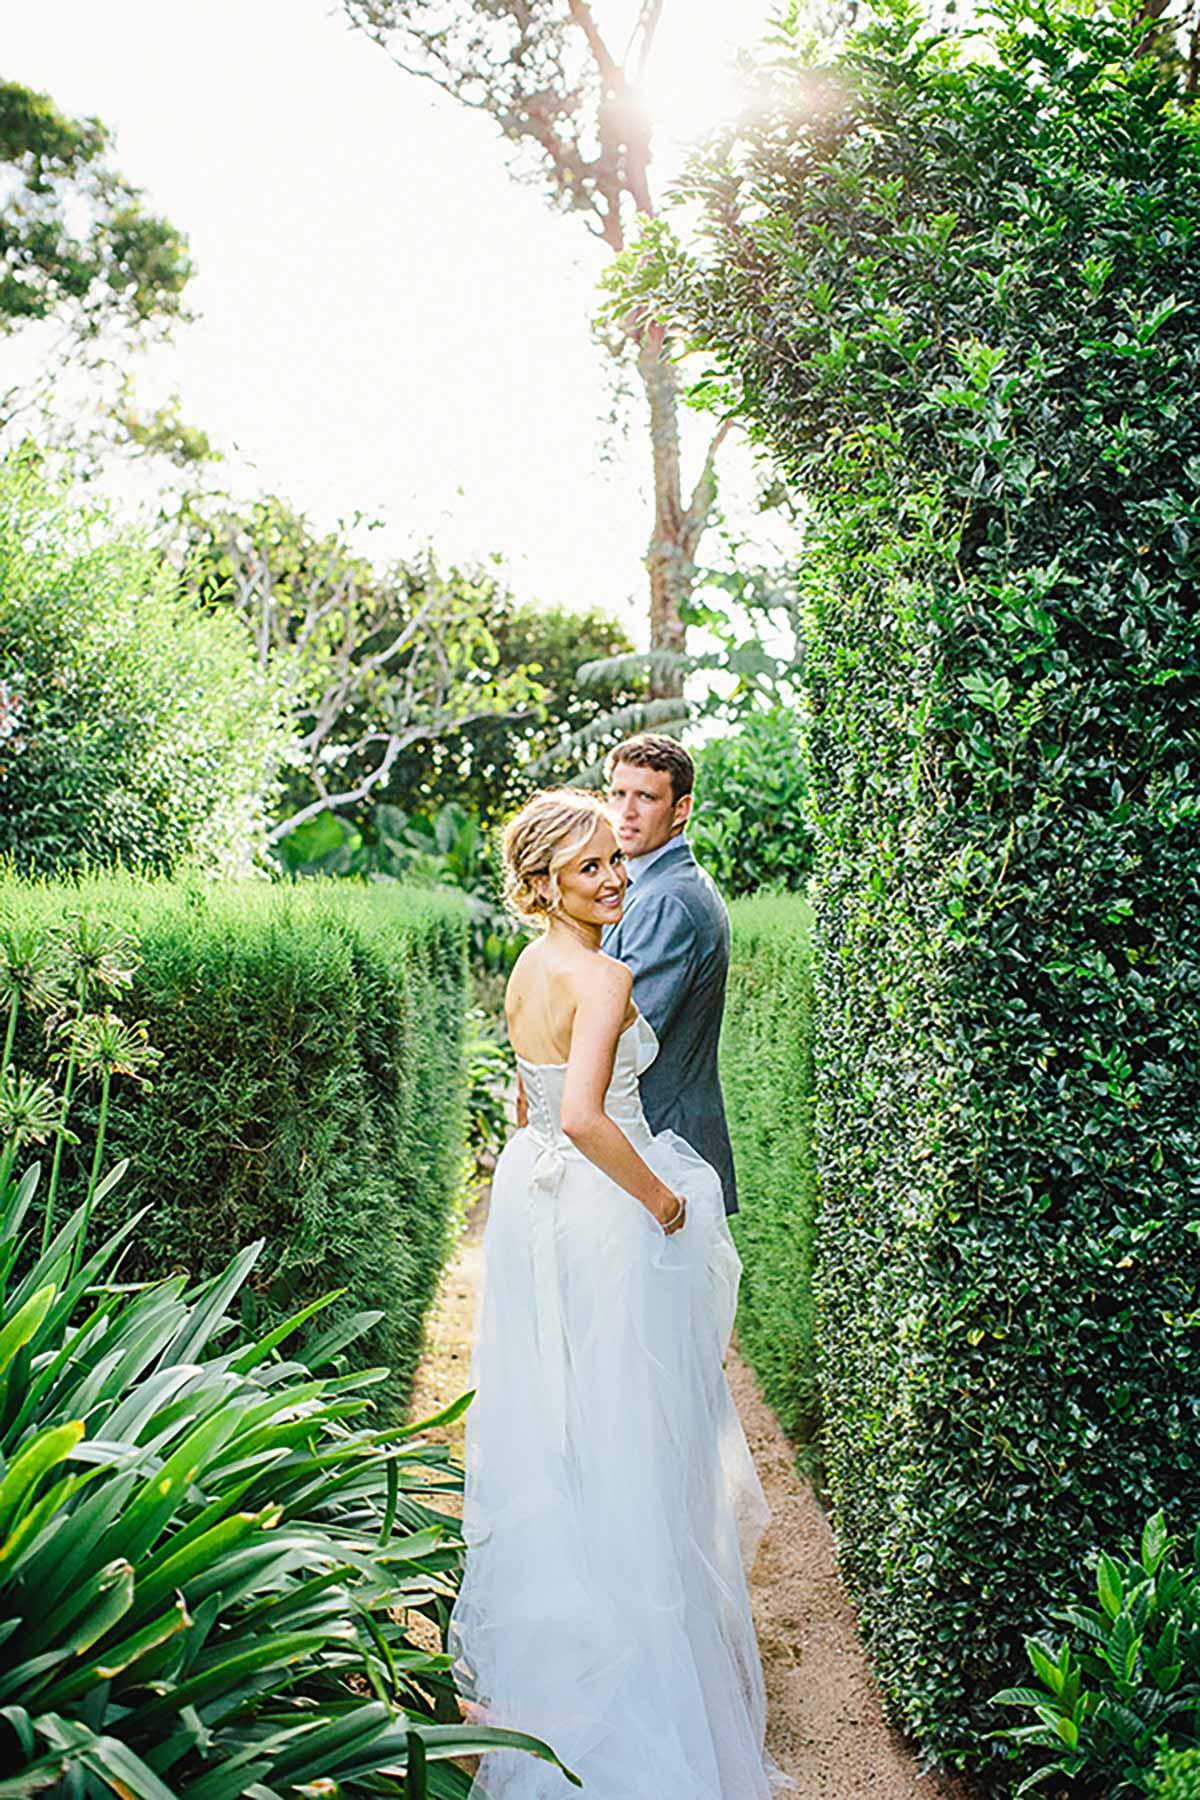 Fotograf trekantsområdet - Bryllupsforberedelser